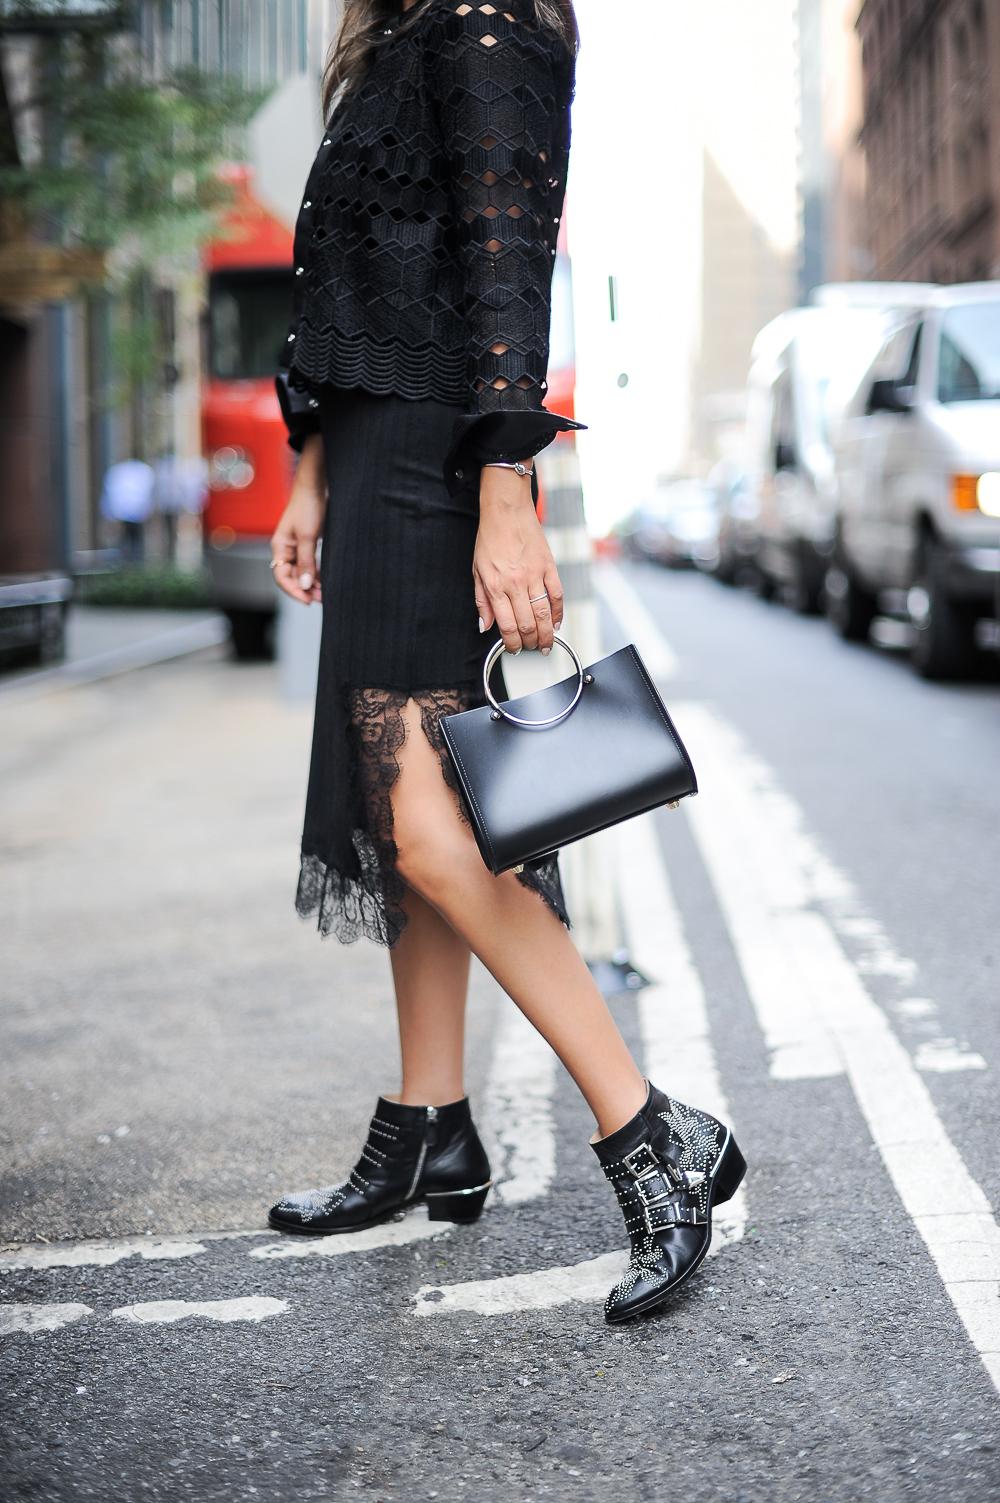 Style MBA Wears Chloe Boots